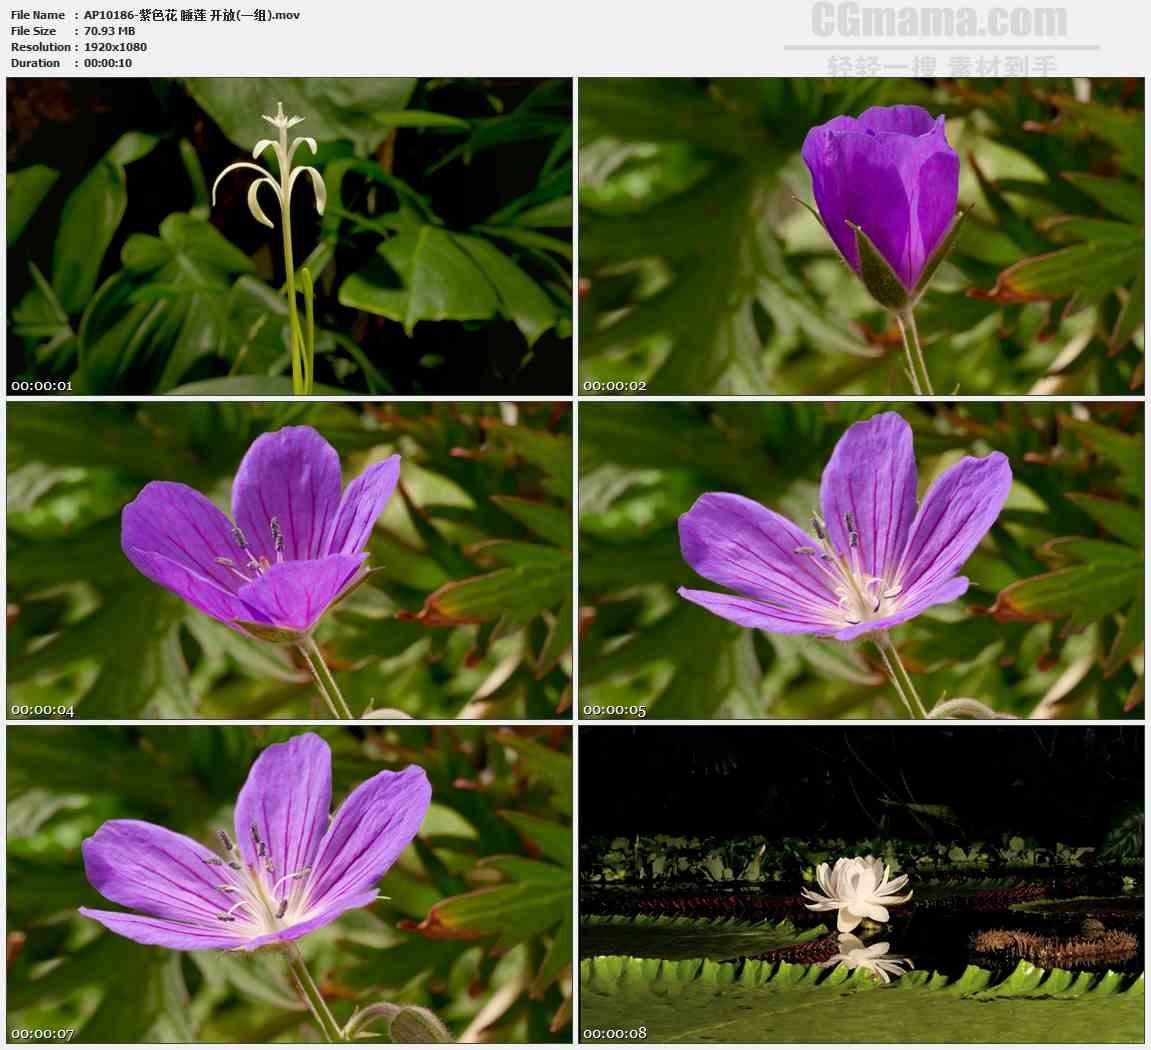 AP10186-白色紫色小花睡莲盛开高清实拍视频素材